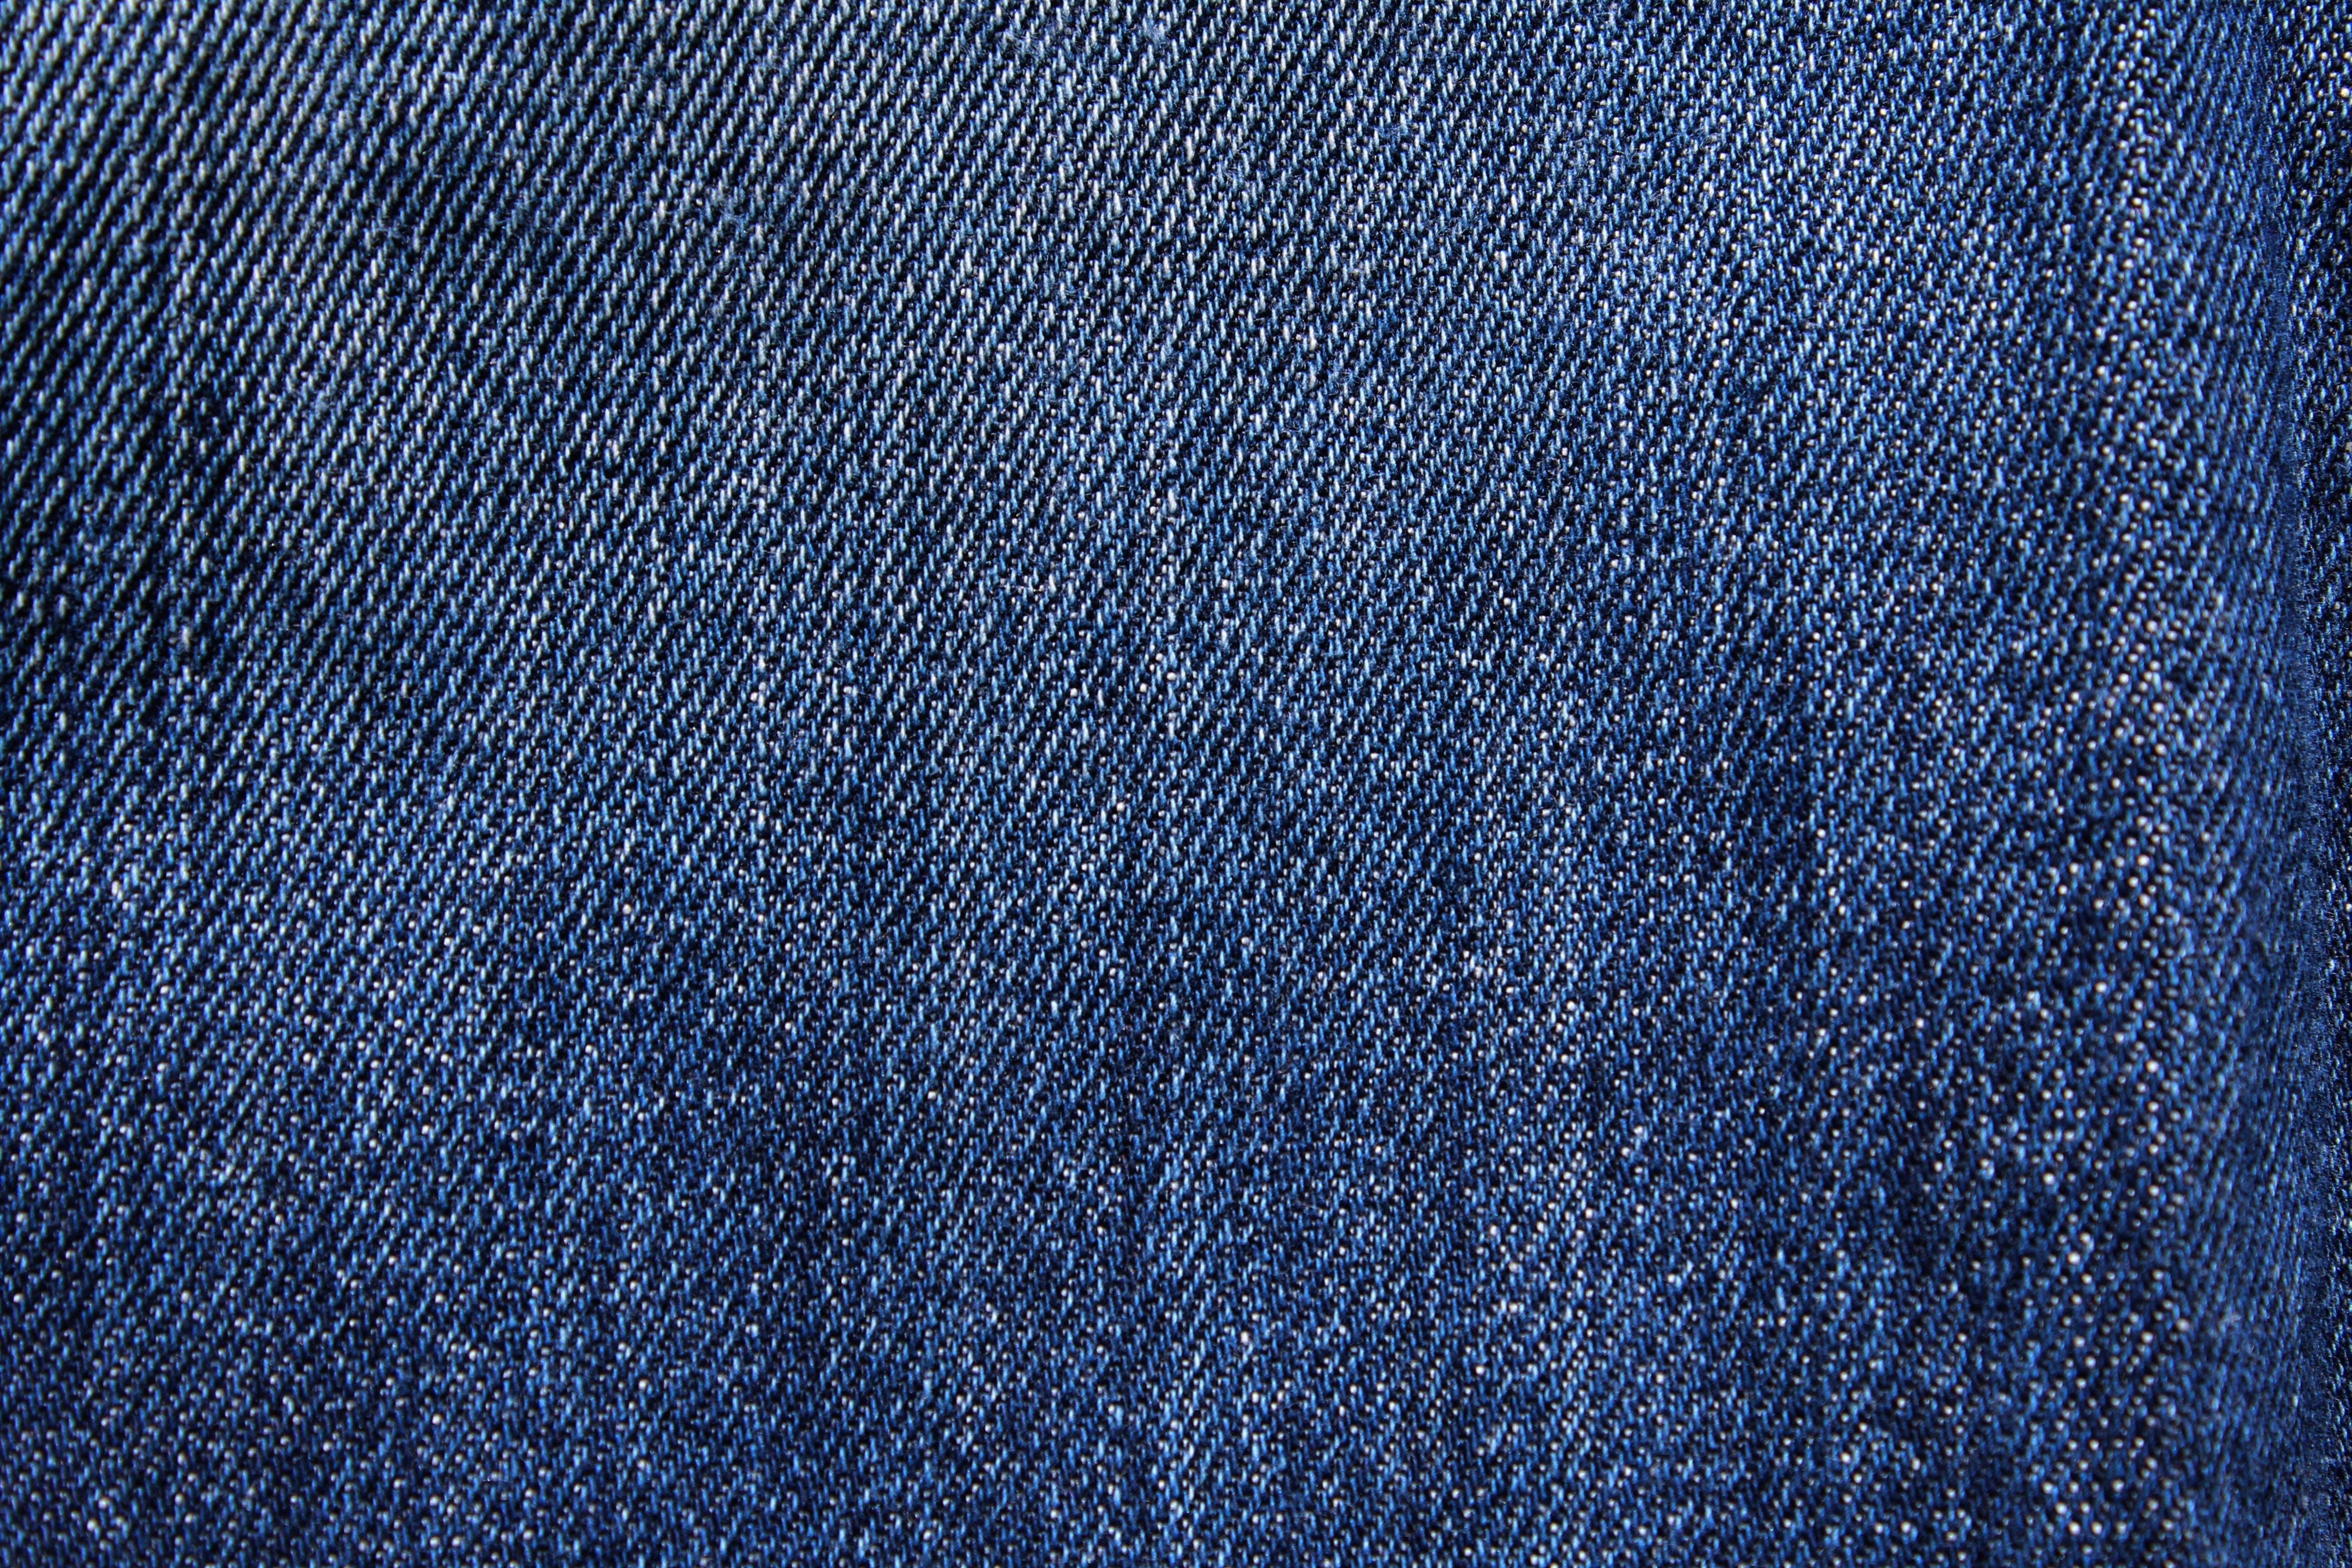 Kostenloses Stock Foto zu abstrakt, baumwolle, blau, blaue jeans